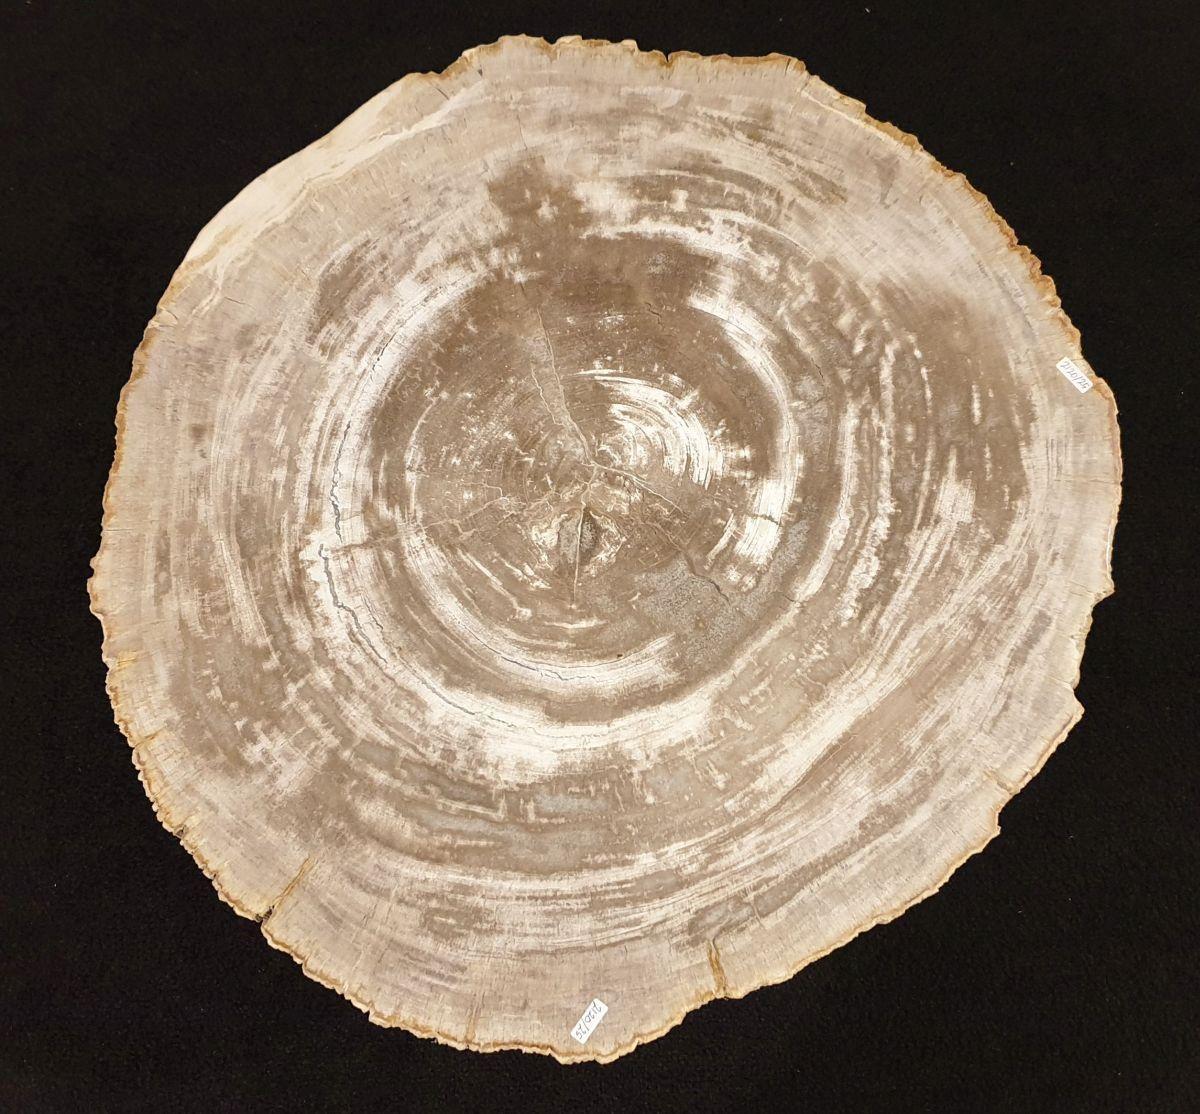 Couchtisch versteinertes Holz 32275